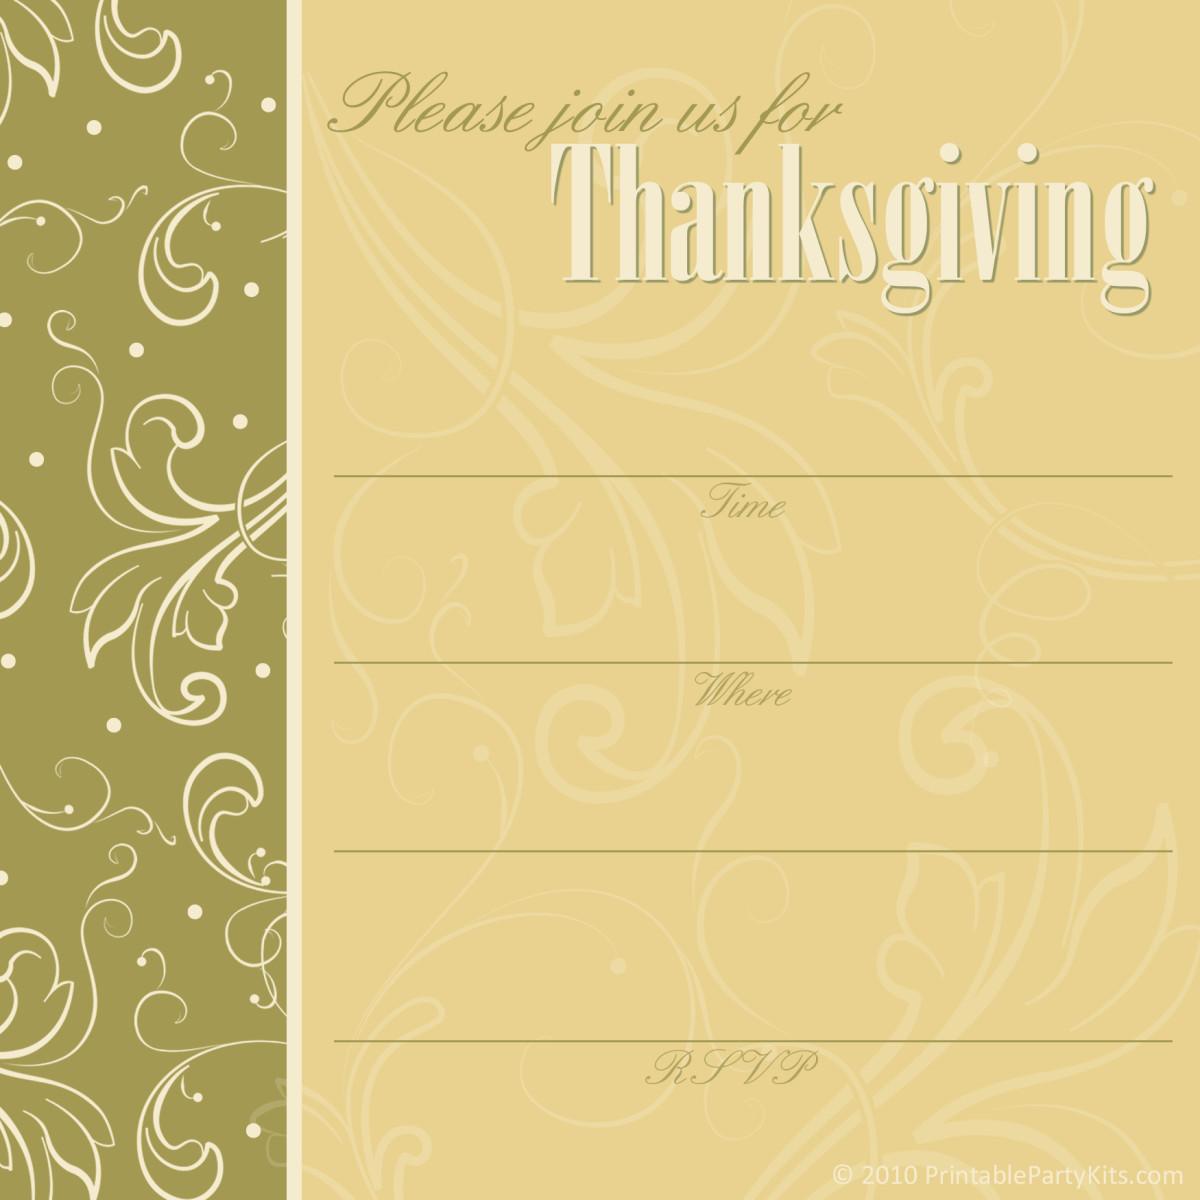 Pistachio cream Thanksgiving dinner invitation